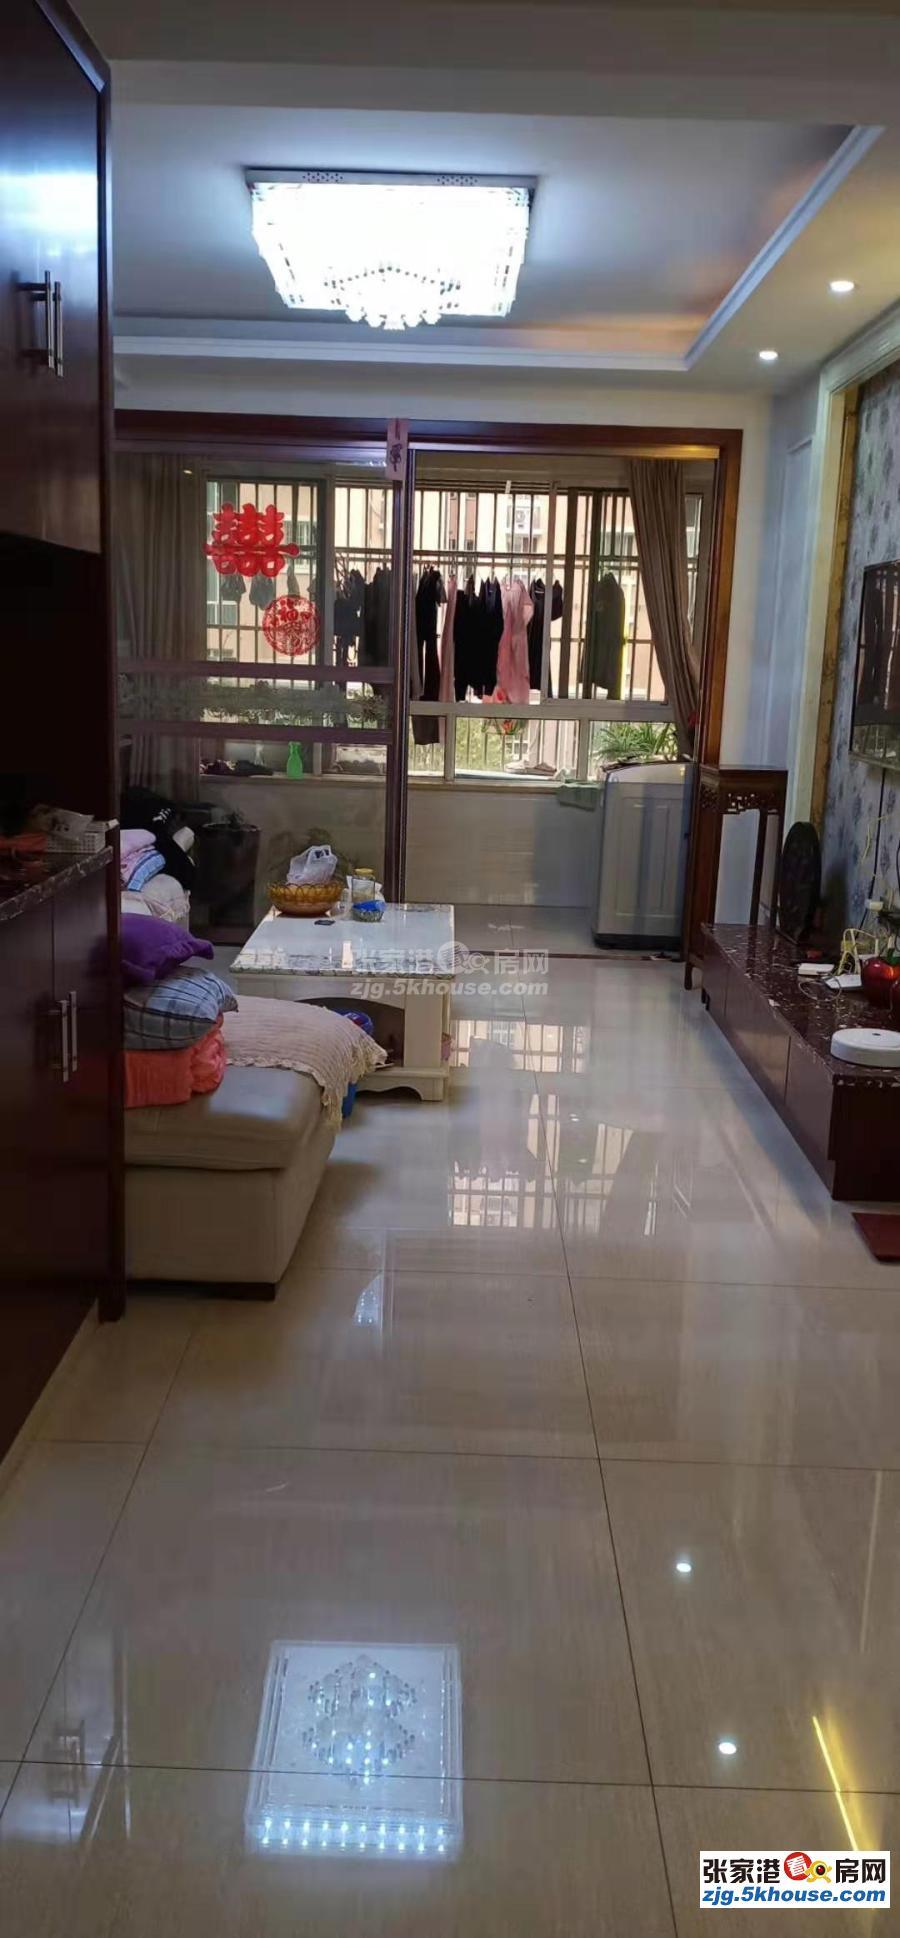 章卿小区 153万 3室2厅2卫 豪华装修 好房不要错过